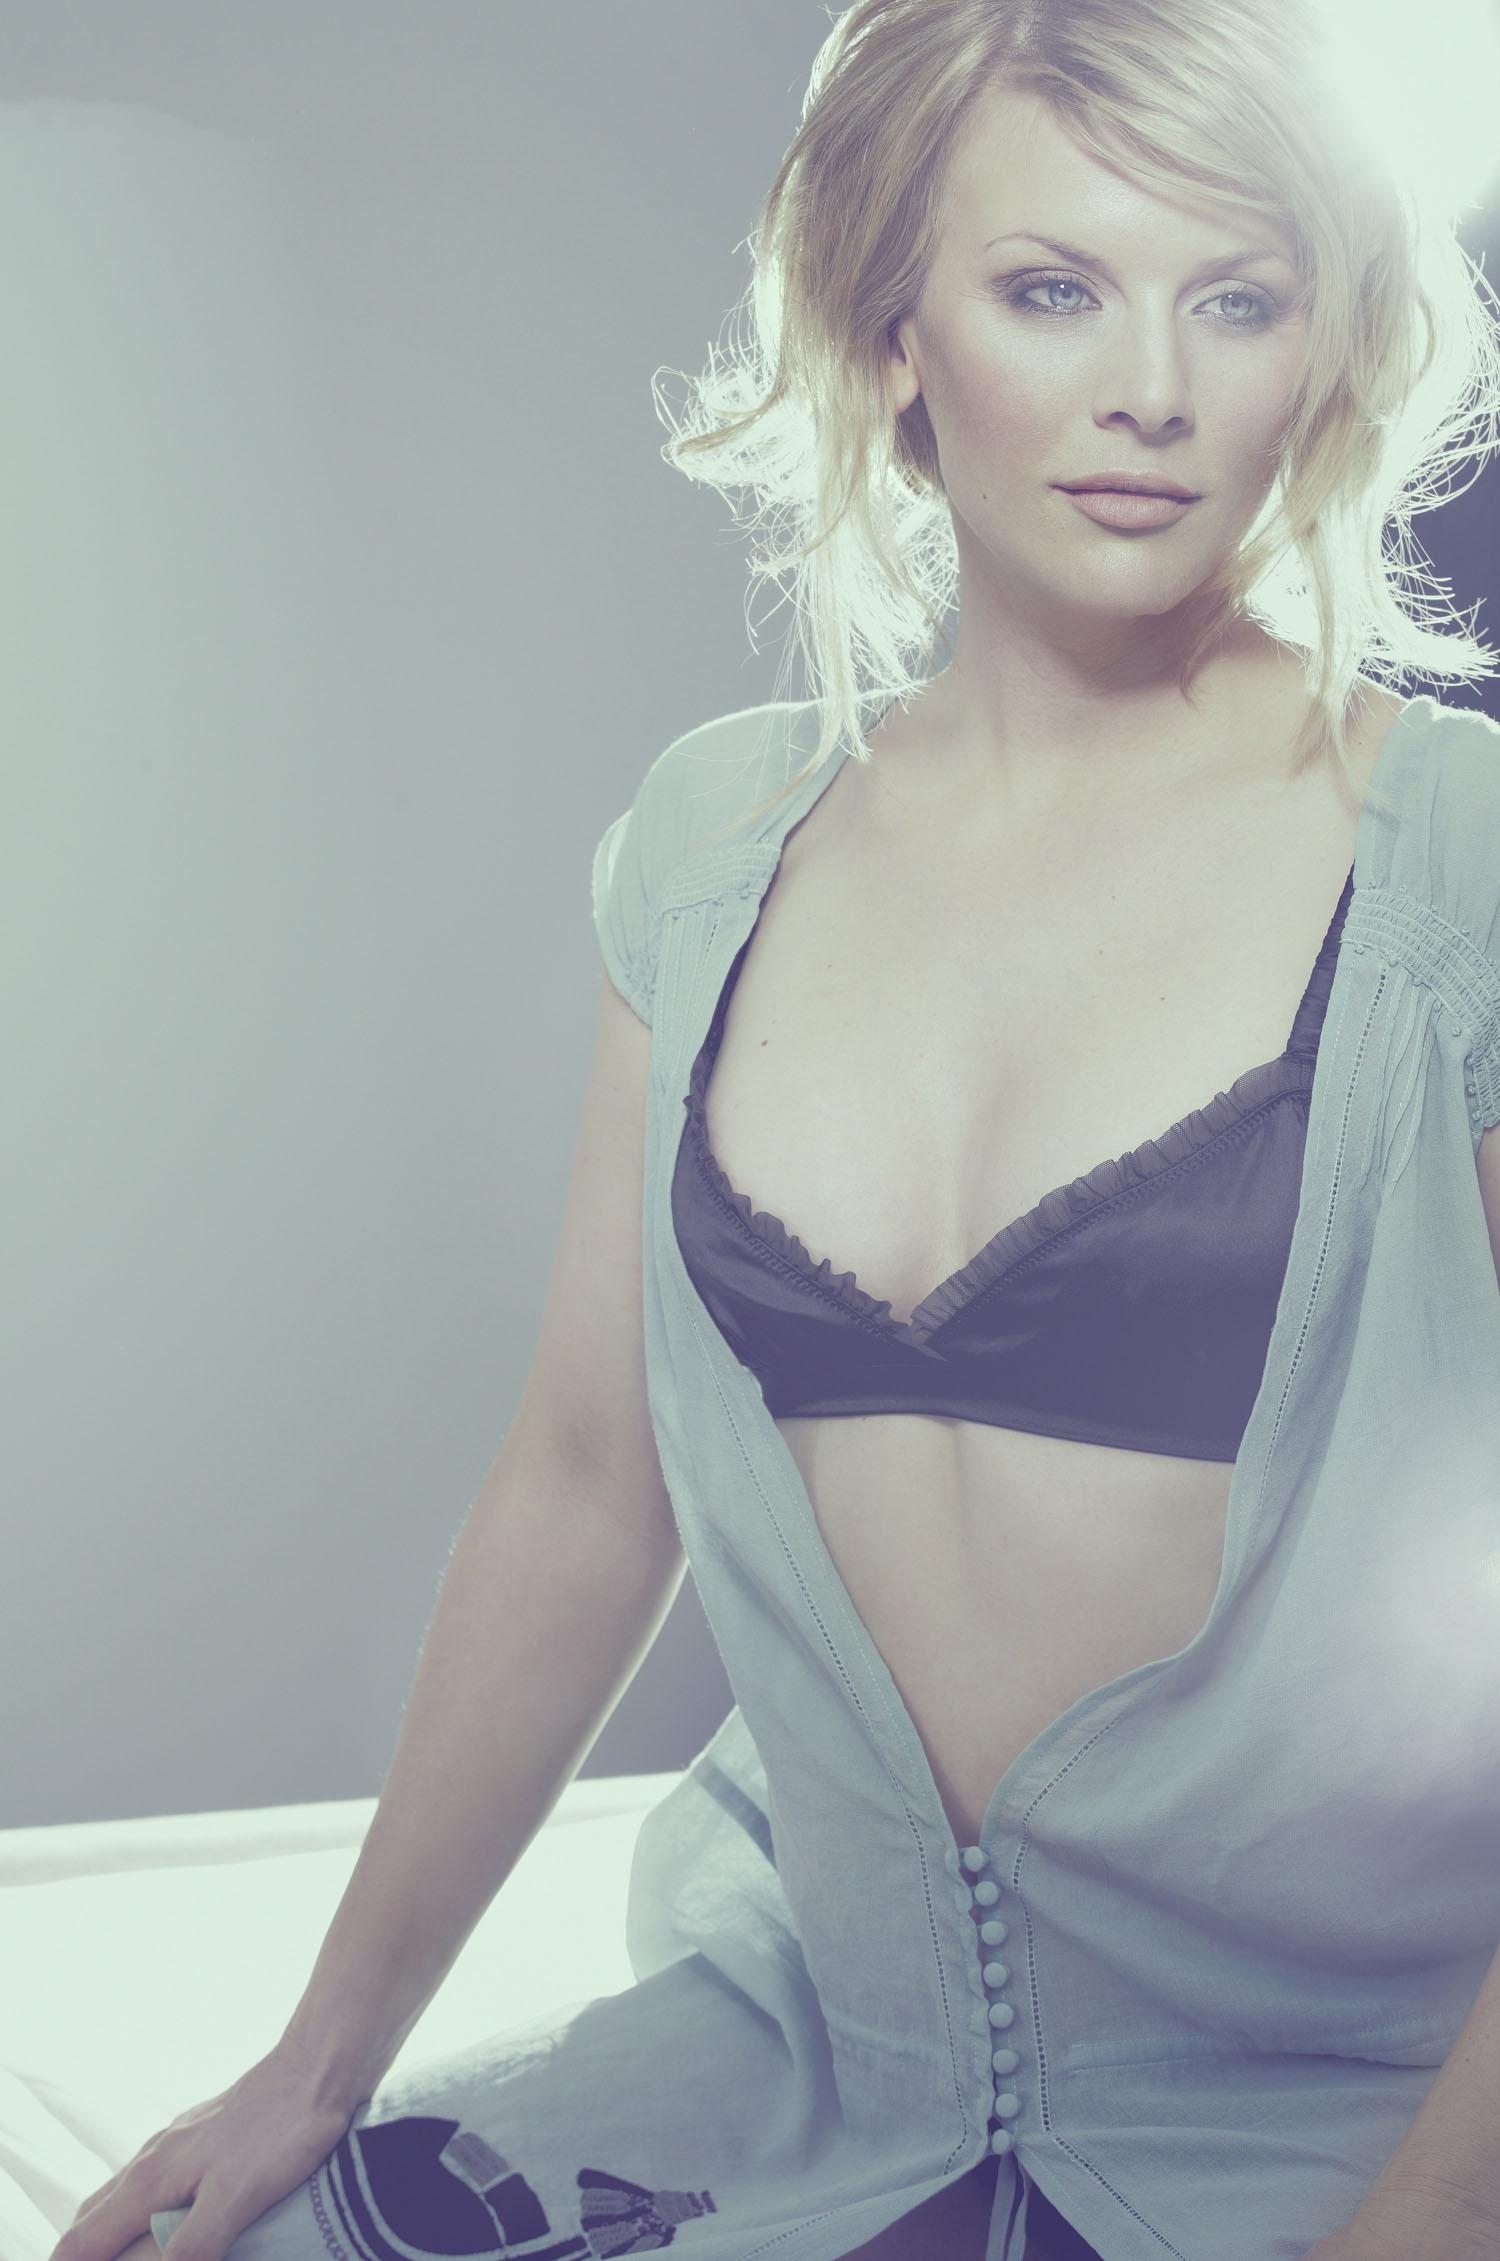 Eva Habermann nackt und sexy » SexyStars.online - Die